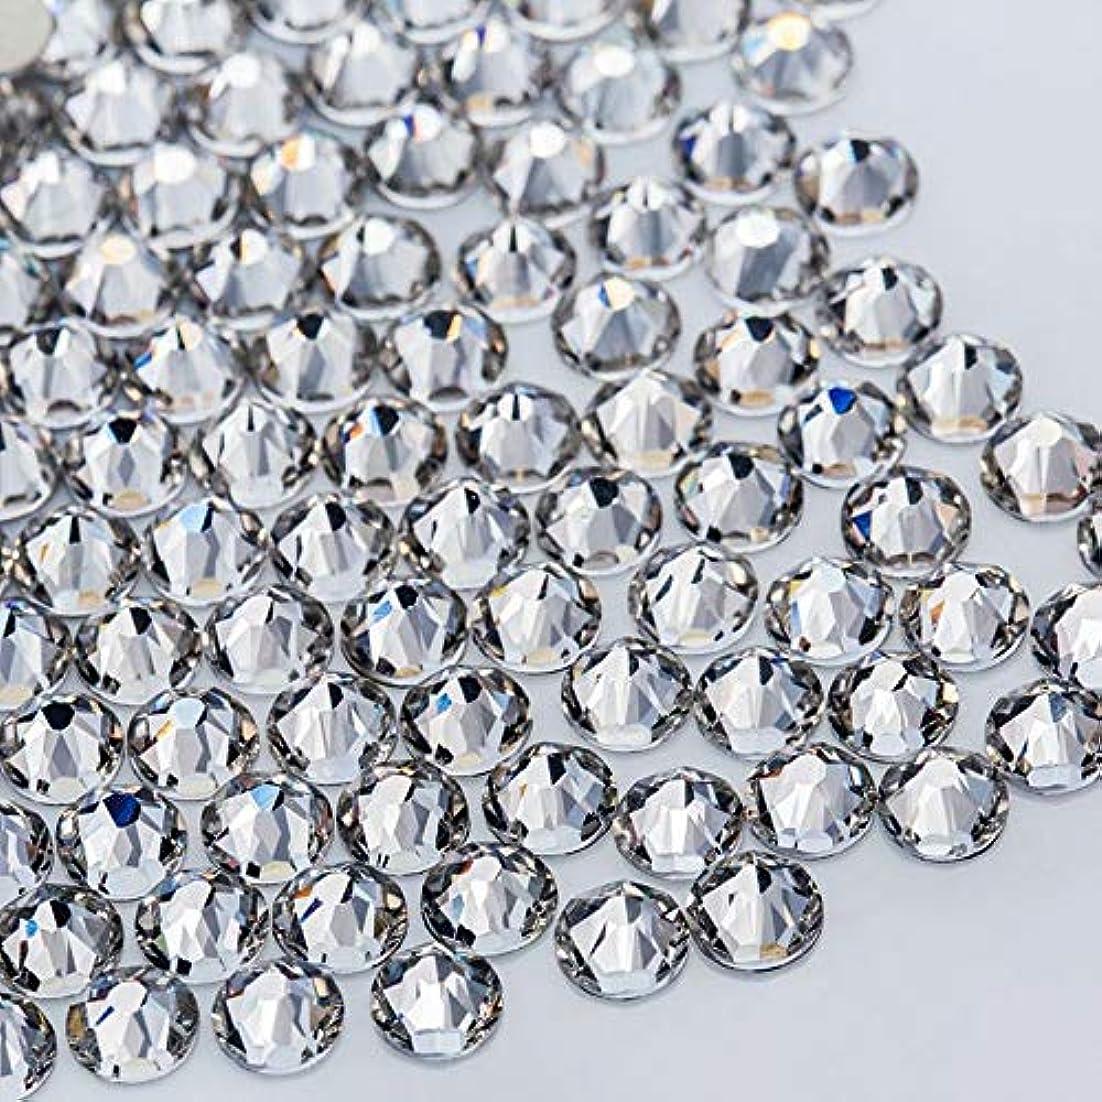 適応的八百屋野望WTX ガラス製 ラインストーン 高品質 1440粒 SS4~SS30 ネイル デコ クリスタル (SS16(約3.8-4.0mm), クリスタル)